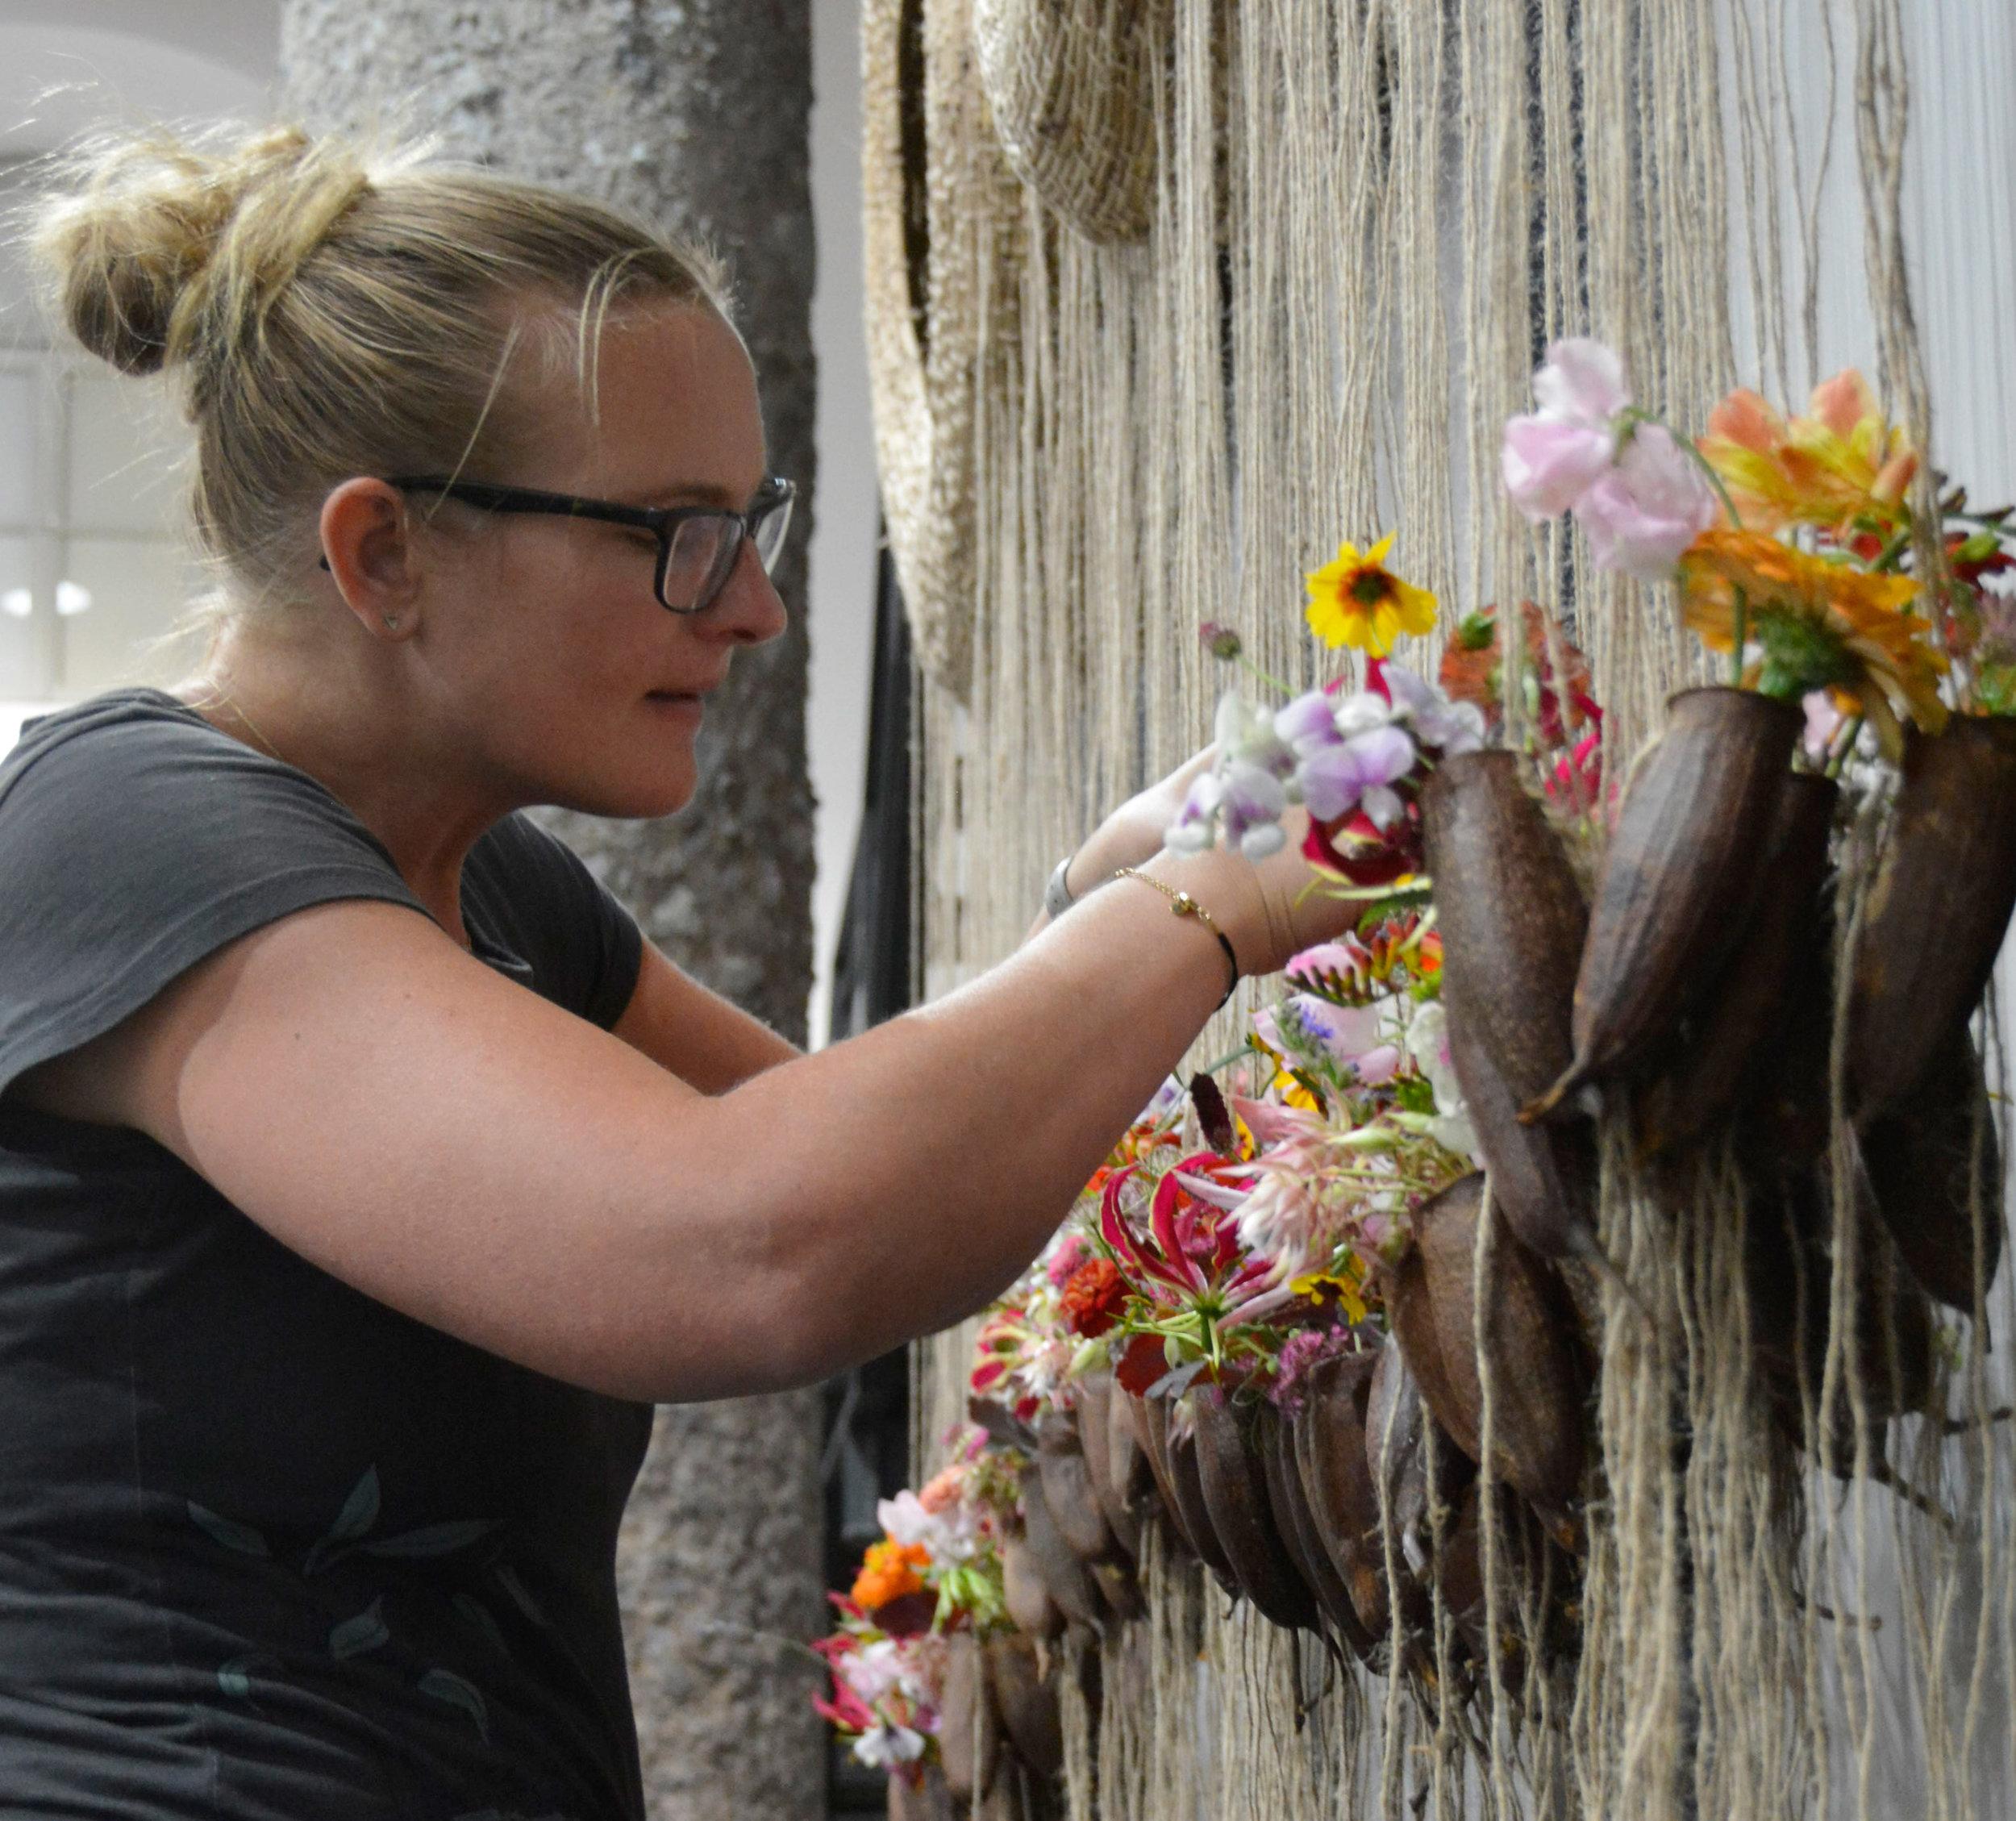 Rita Stobbe aus dem deutschen Günzburg, verlagerte den Blütenbereich unterhalb der drei Ringgefässe, welche in luftiger Höhe schwebten.